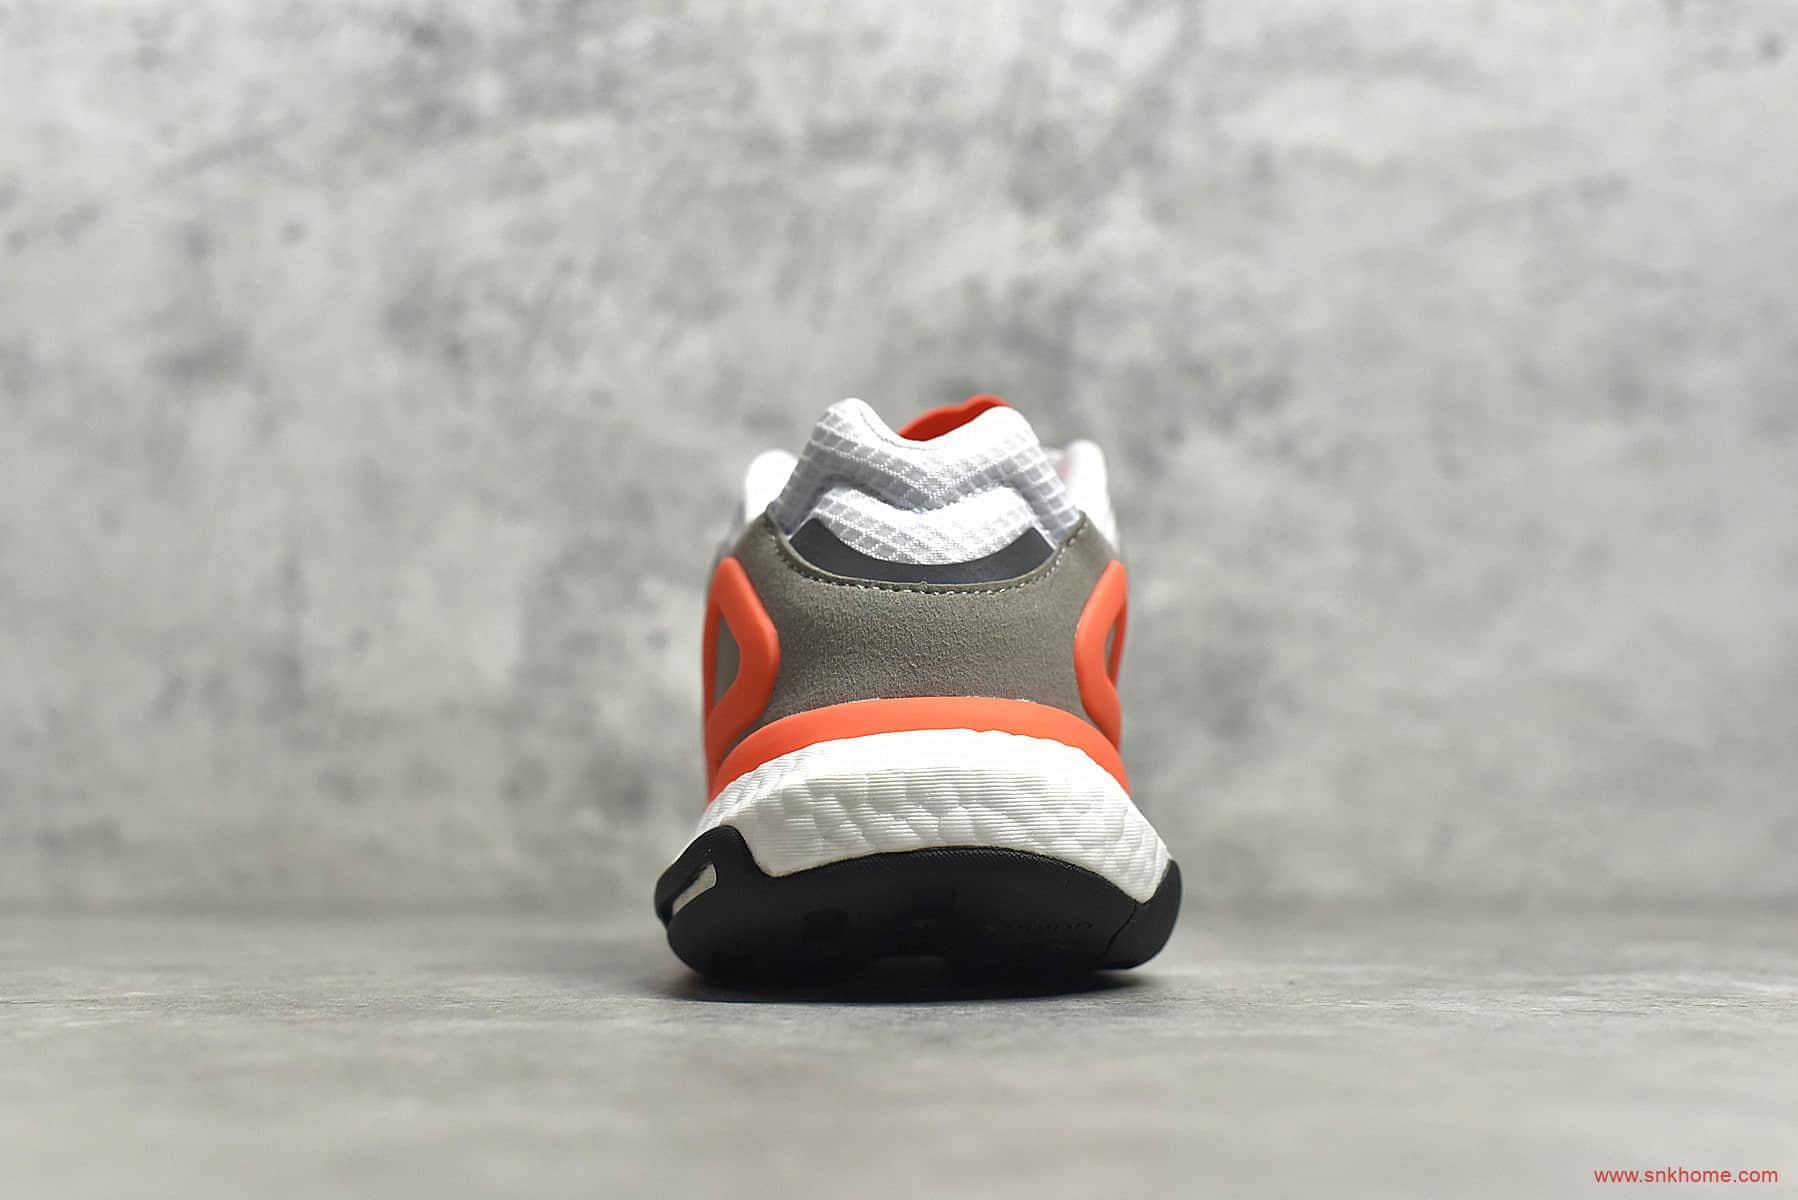 阿迪达斯夜行者二代 adidas Day Jogger 陈奕迅同款阿迪达斯夜行者3M反光 货号:FY0237-潮流者之家